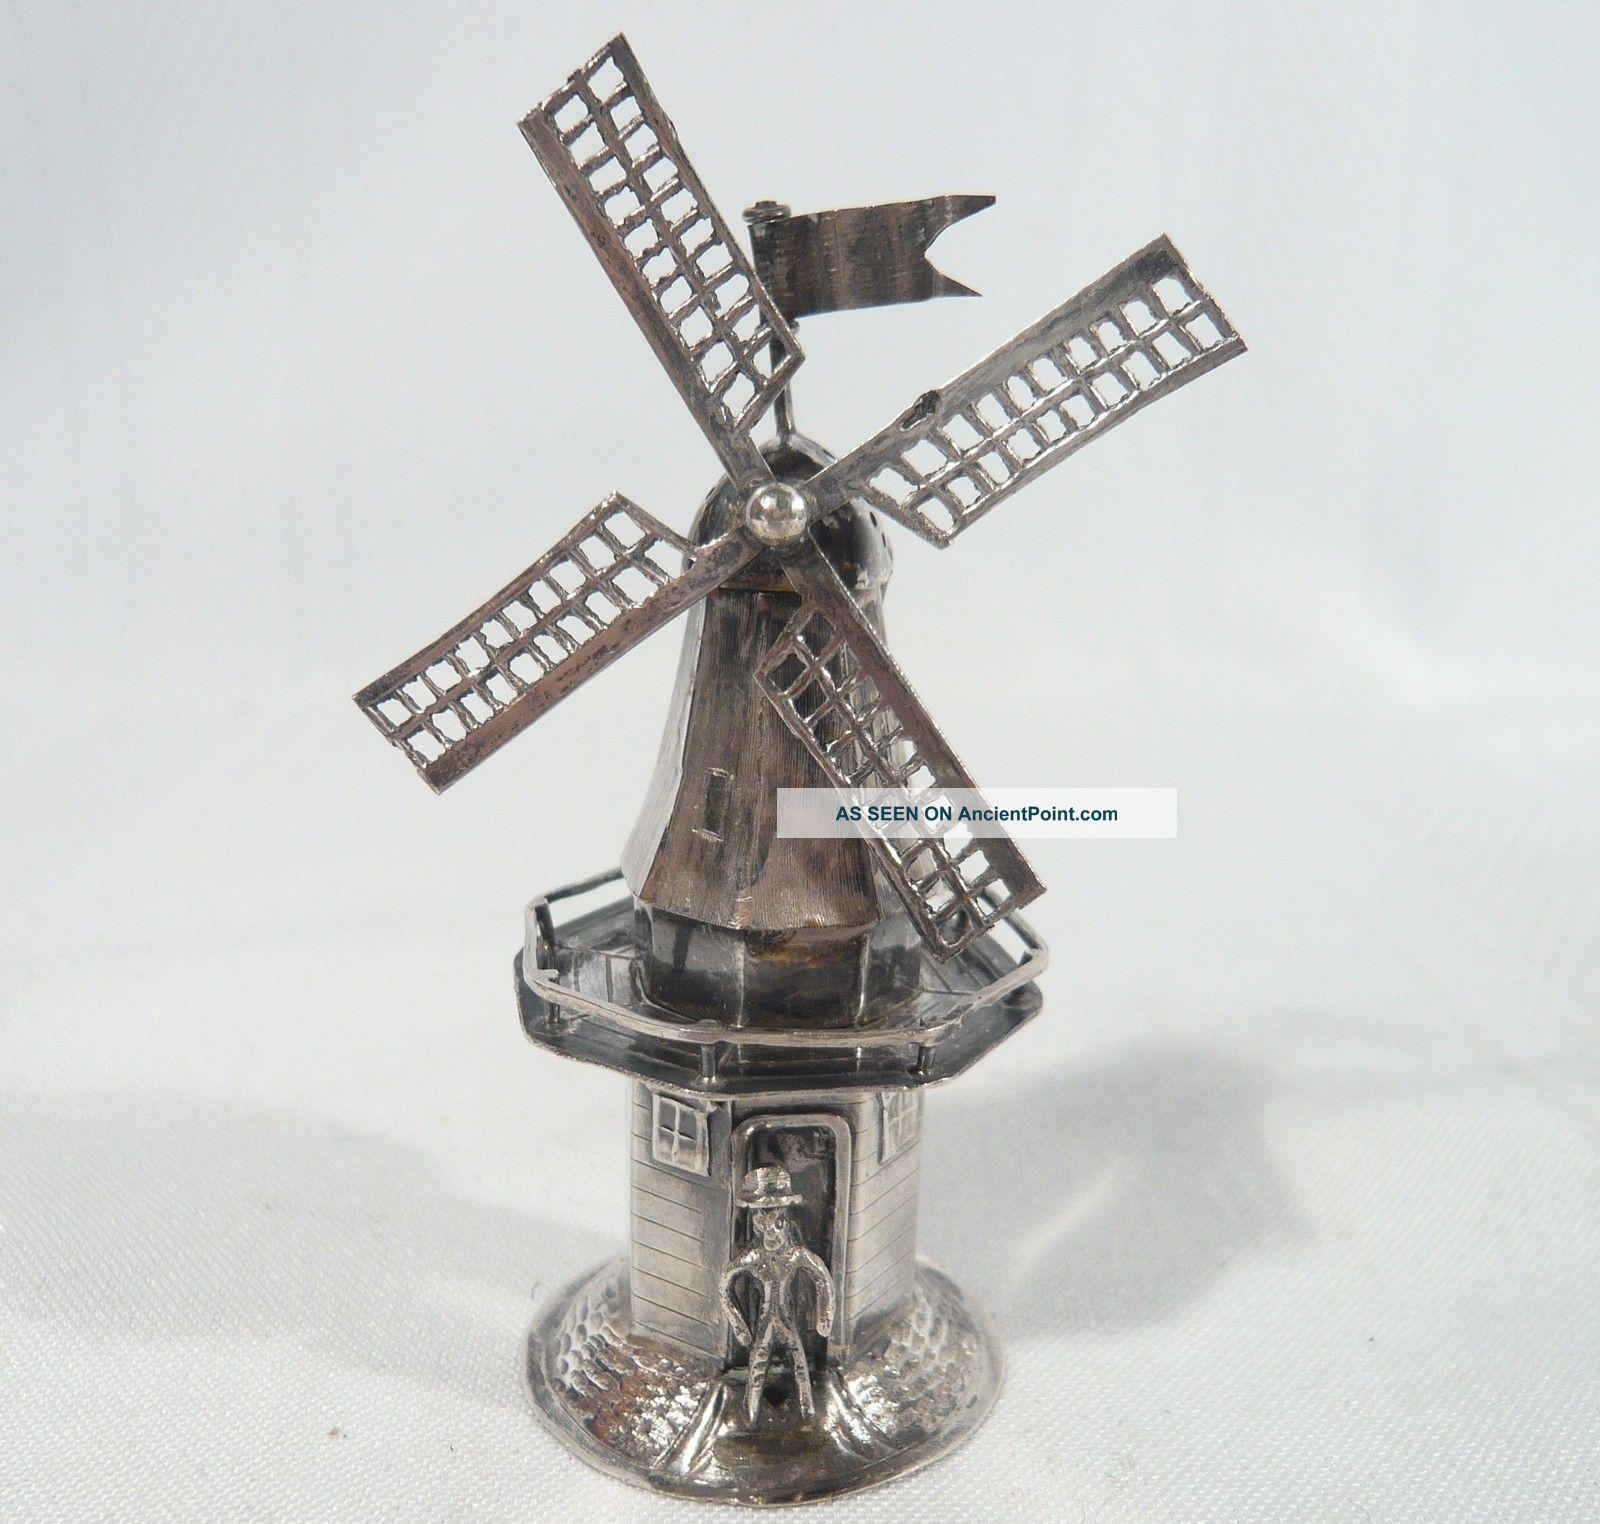 Antique 835 Silver Dutch Judaica 1910 Spice Tower Windmill Salt Jan Van Dijk Scandinavia photo